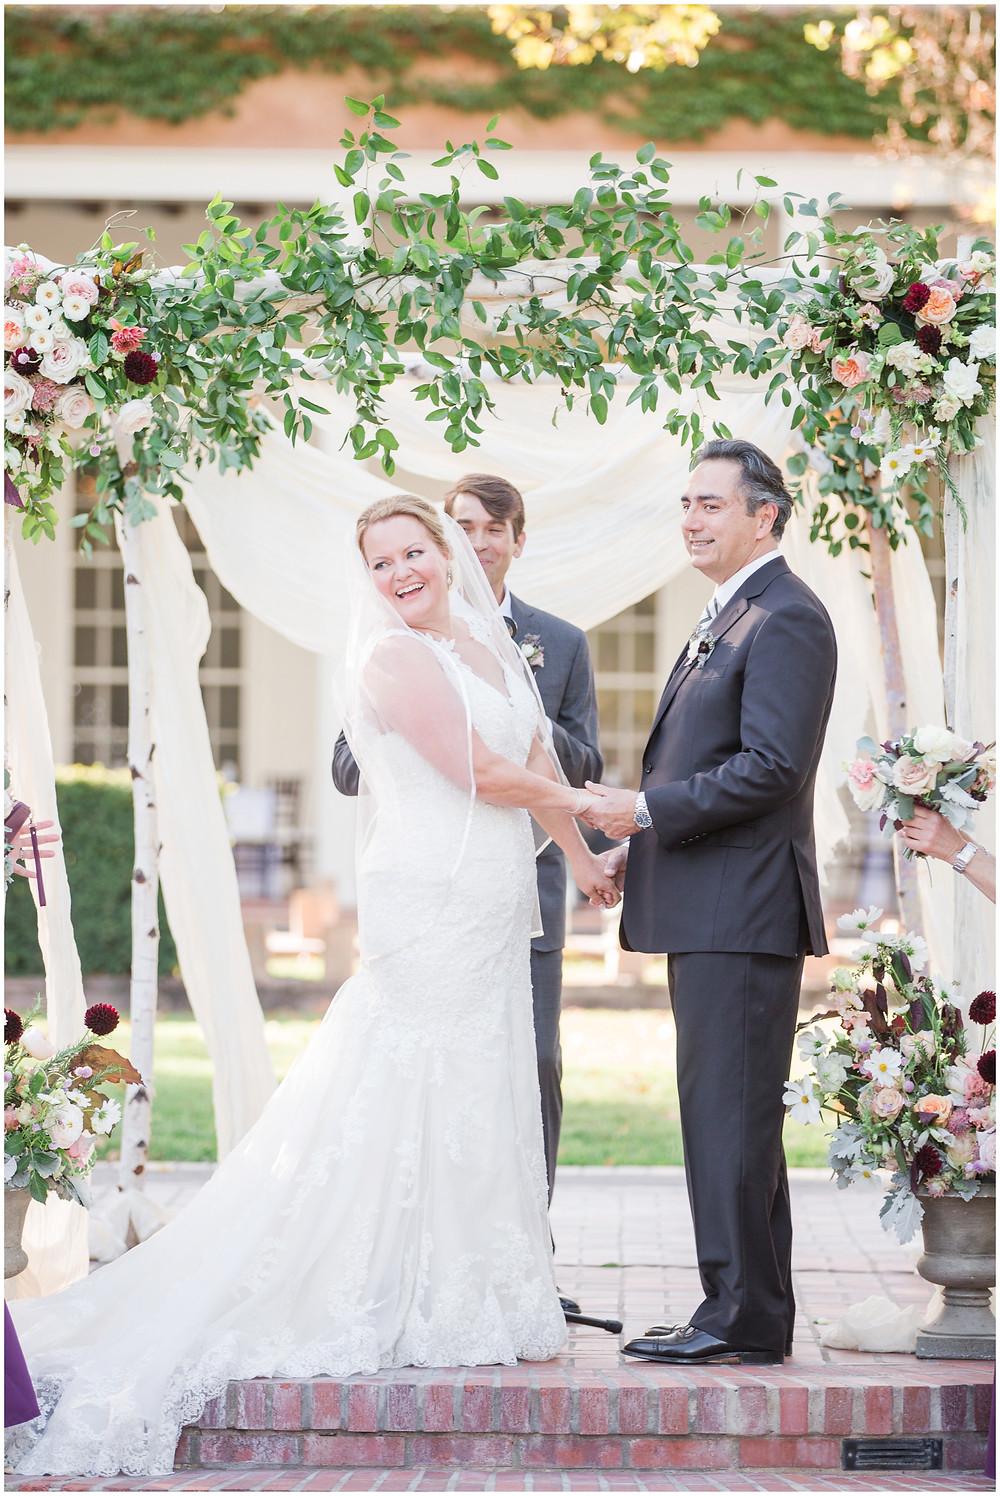 Los Poblanos wedding. summer wedding. wedding invitations. New mexico wedding. Outdoor wedding. Maura Jane Photography. ceremony arch. ceremony backdrop. ceremony floral arch.